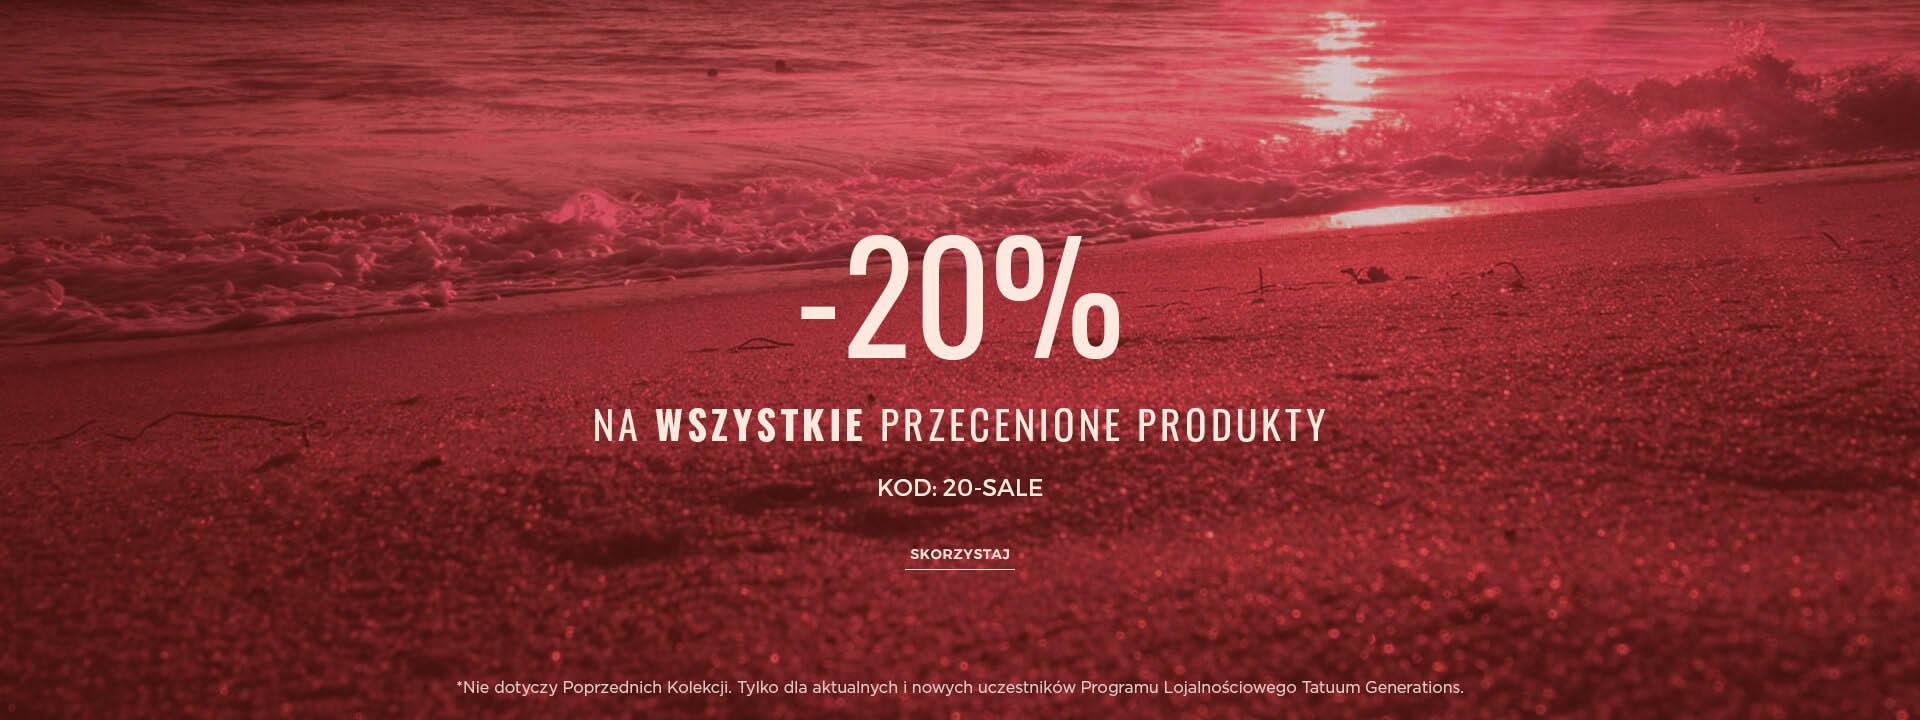 Tatuum: 20% zniżki na wszystkie przecenione produkty                         title=